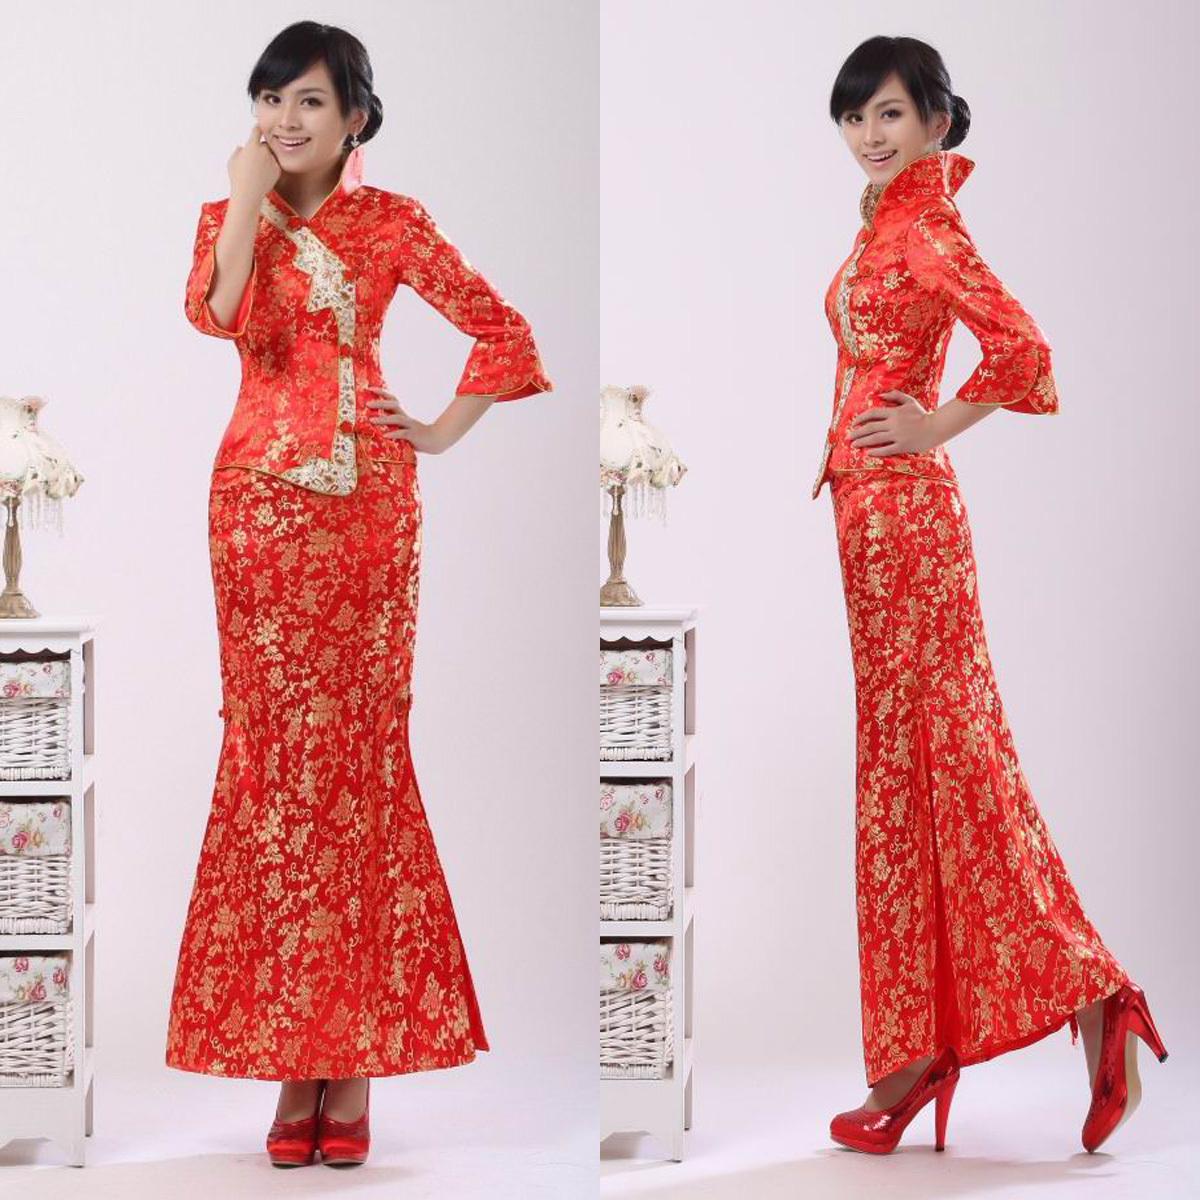 百年有約品牌店 時尚旗袍 婚紗禮服 禮服旗袍 熱銷款 h6159報價/最低價_易購頻道